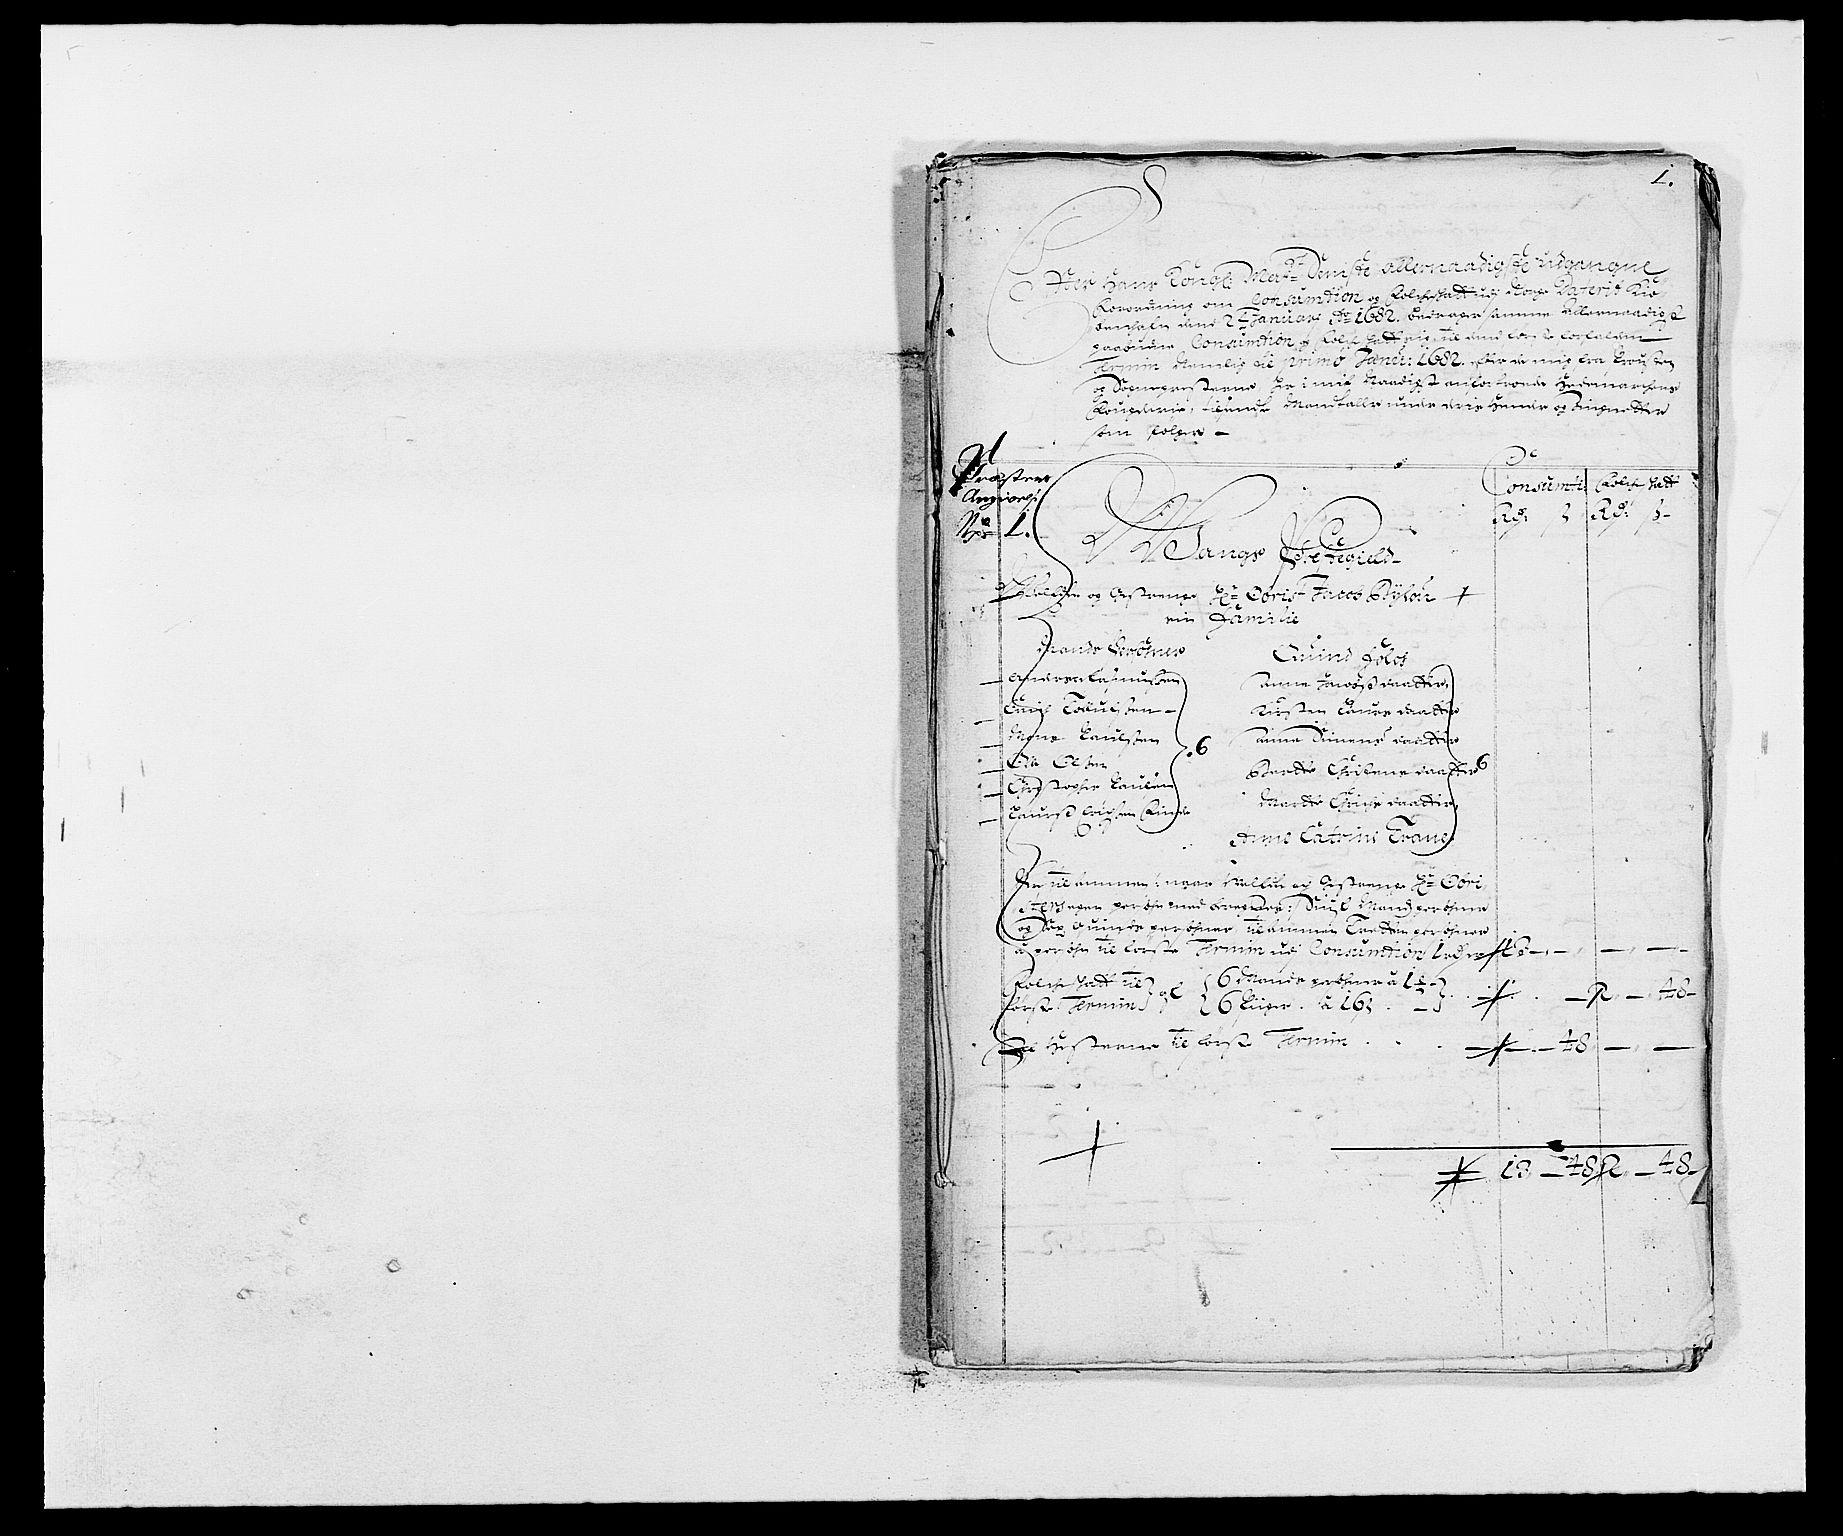 RA, Rentekammeret inntil 1814, Reviderte regnskaper, Fogderegnskap, R16/L1023: Fogderegnskap Hedmark, 1682, s. 148